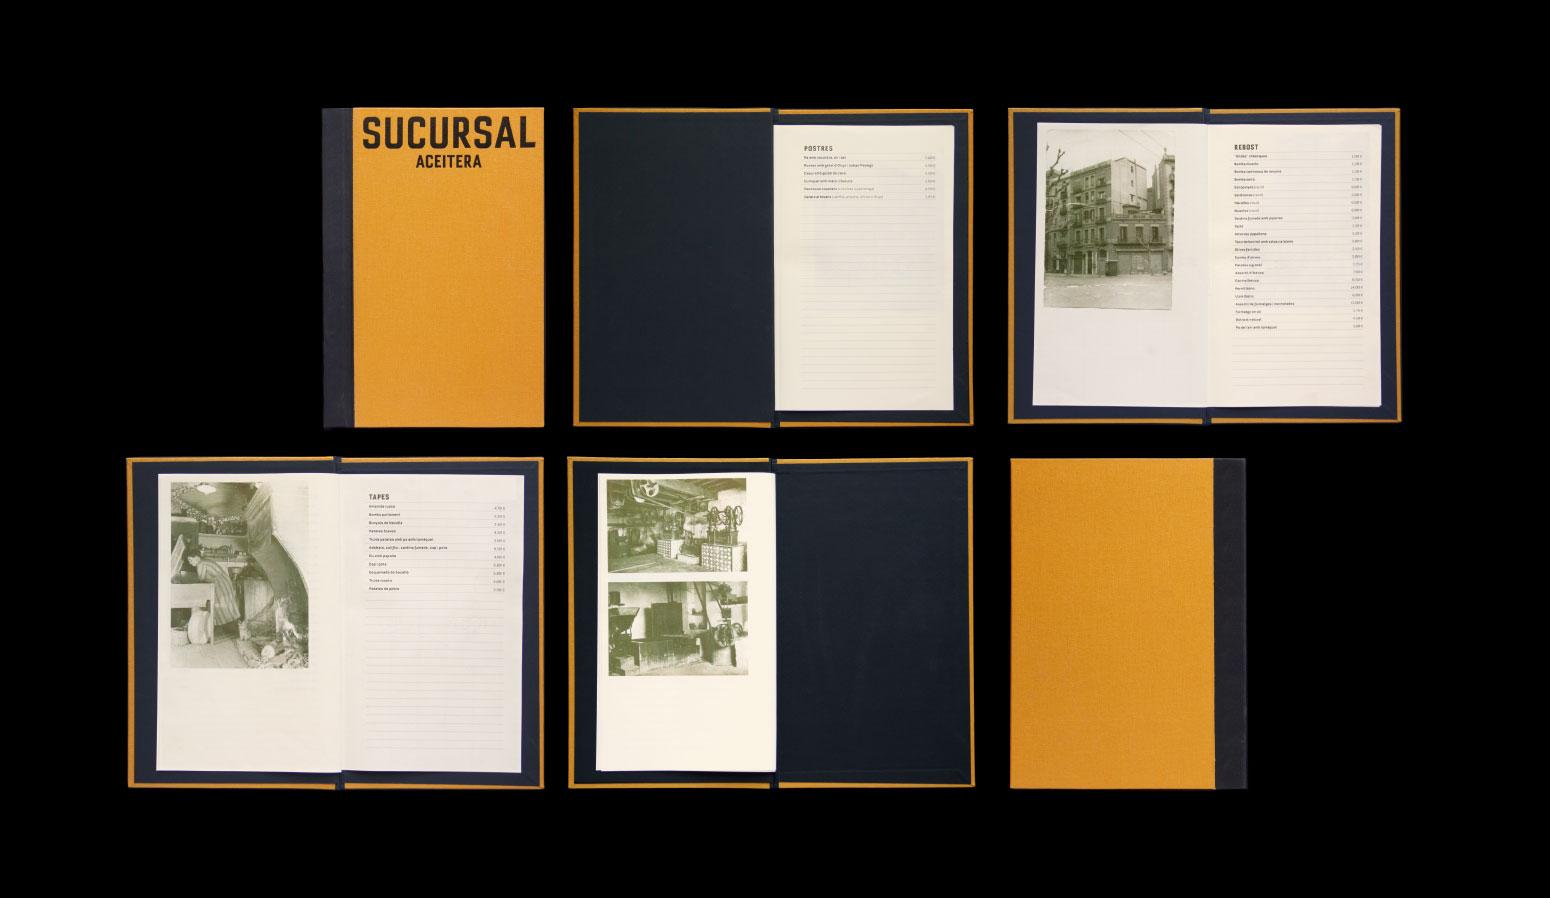 Diseño carta de restaurante Sucursal Aceitera - dosgrapas | Estudio de diseño gráfico en Barcelona